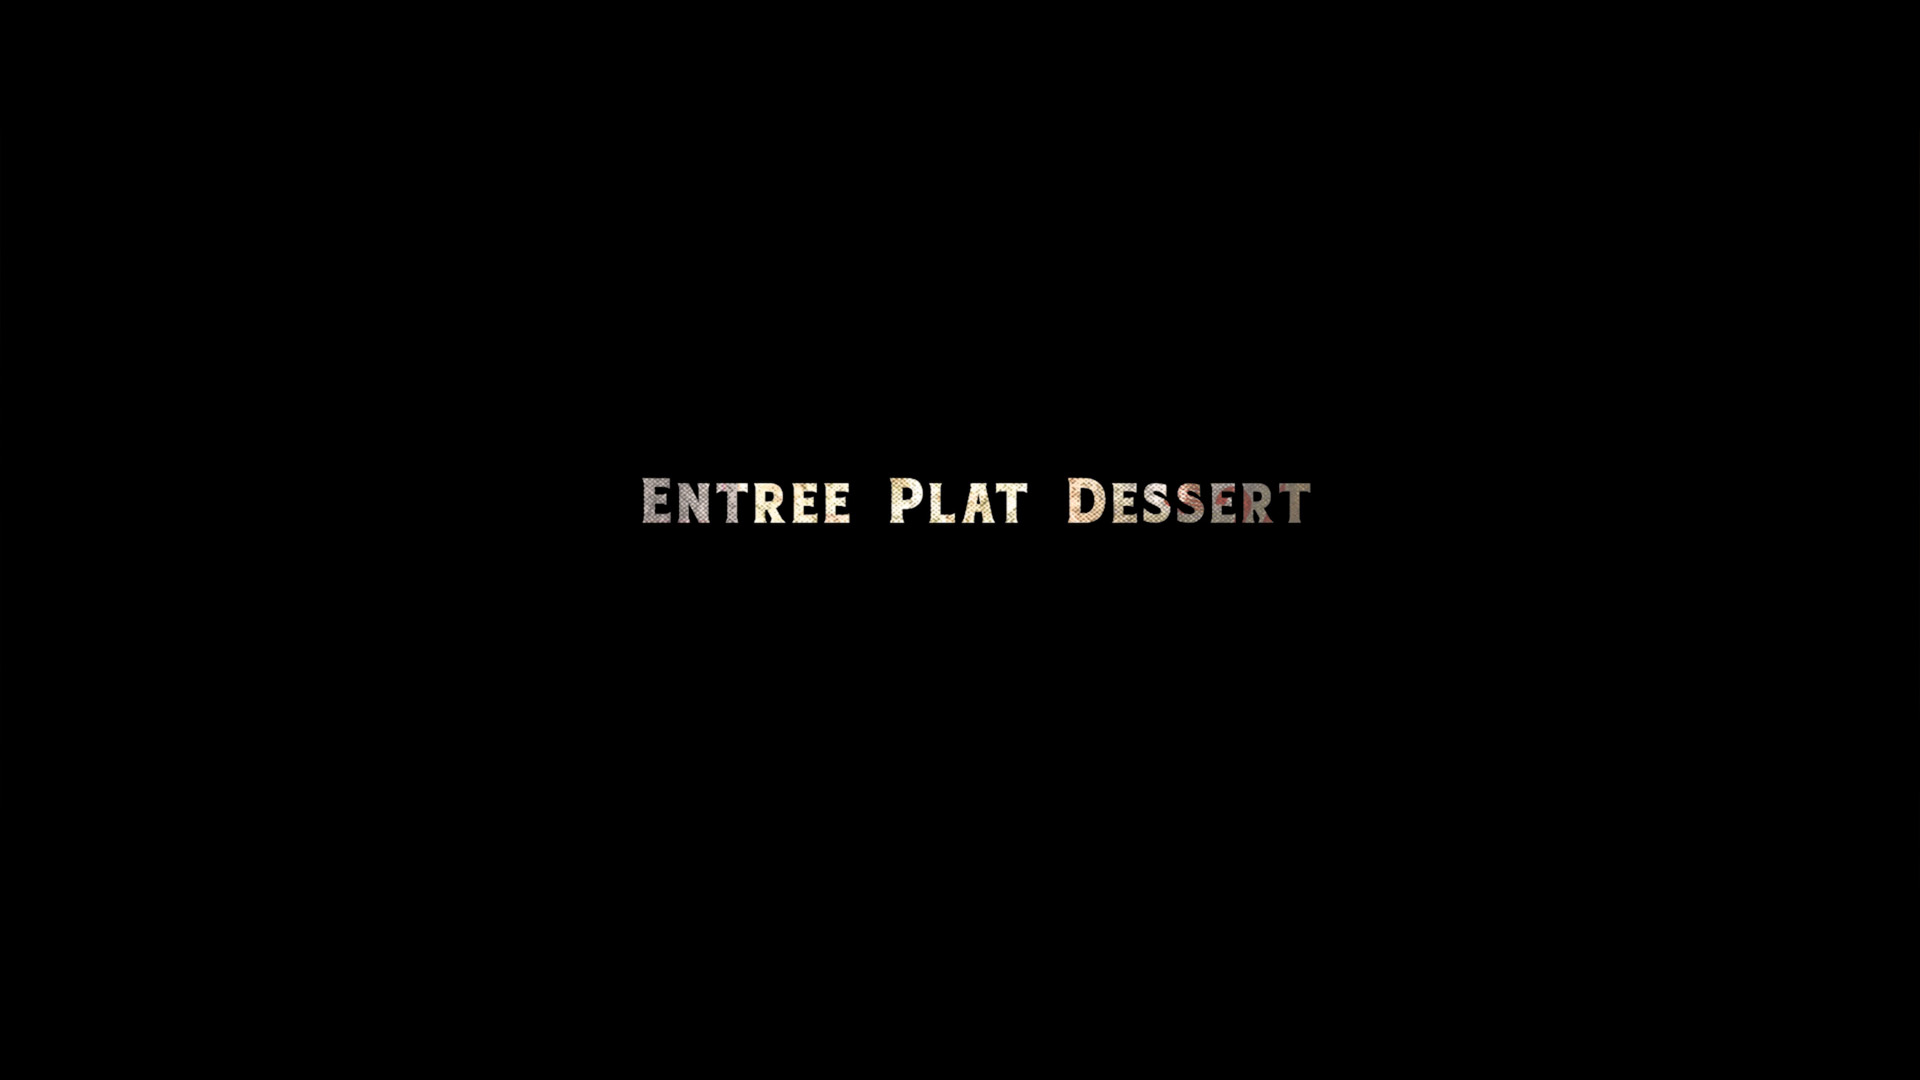 Entrée Plat Dessert